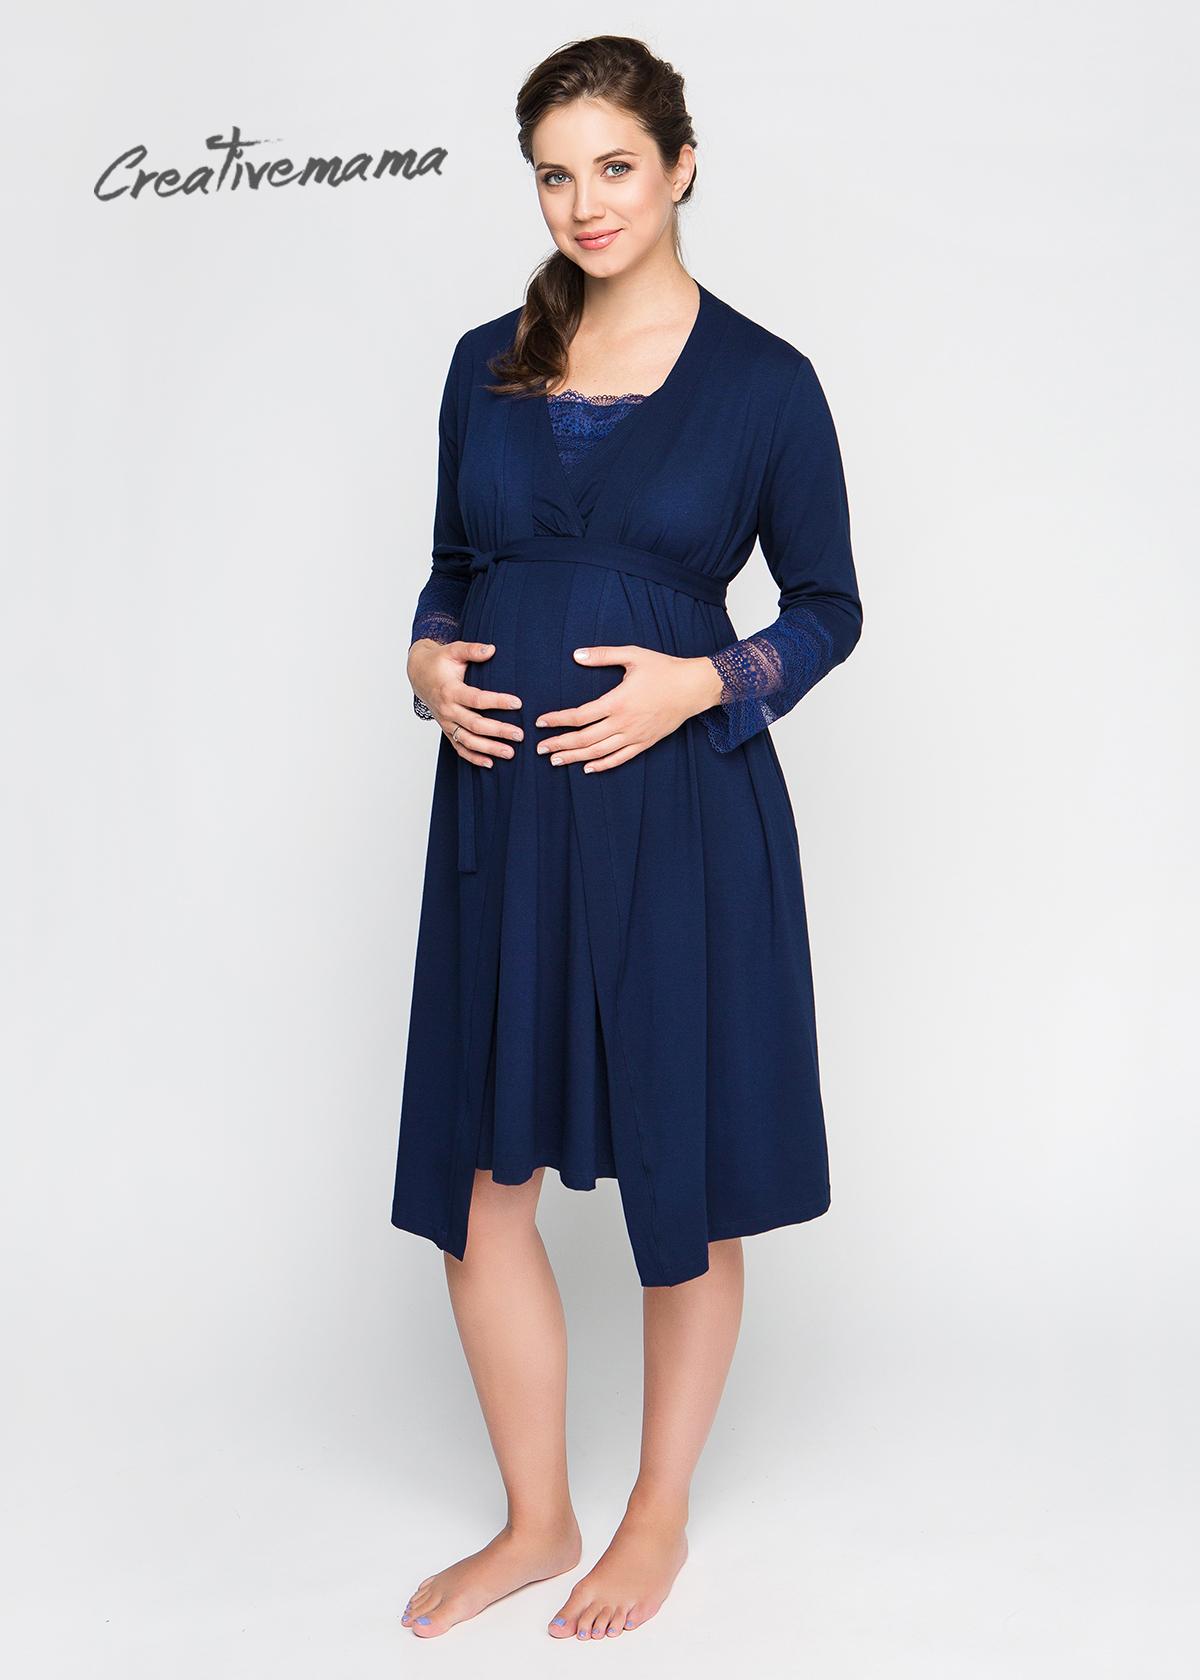 d35d7b8d67a8 Фото: одежда для беременных - Комплект халат и ночная сорочка Royal ...